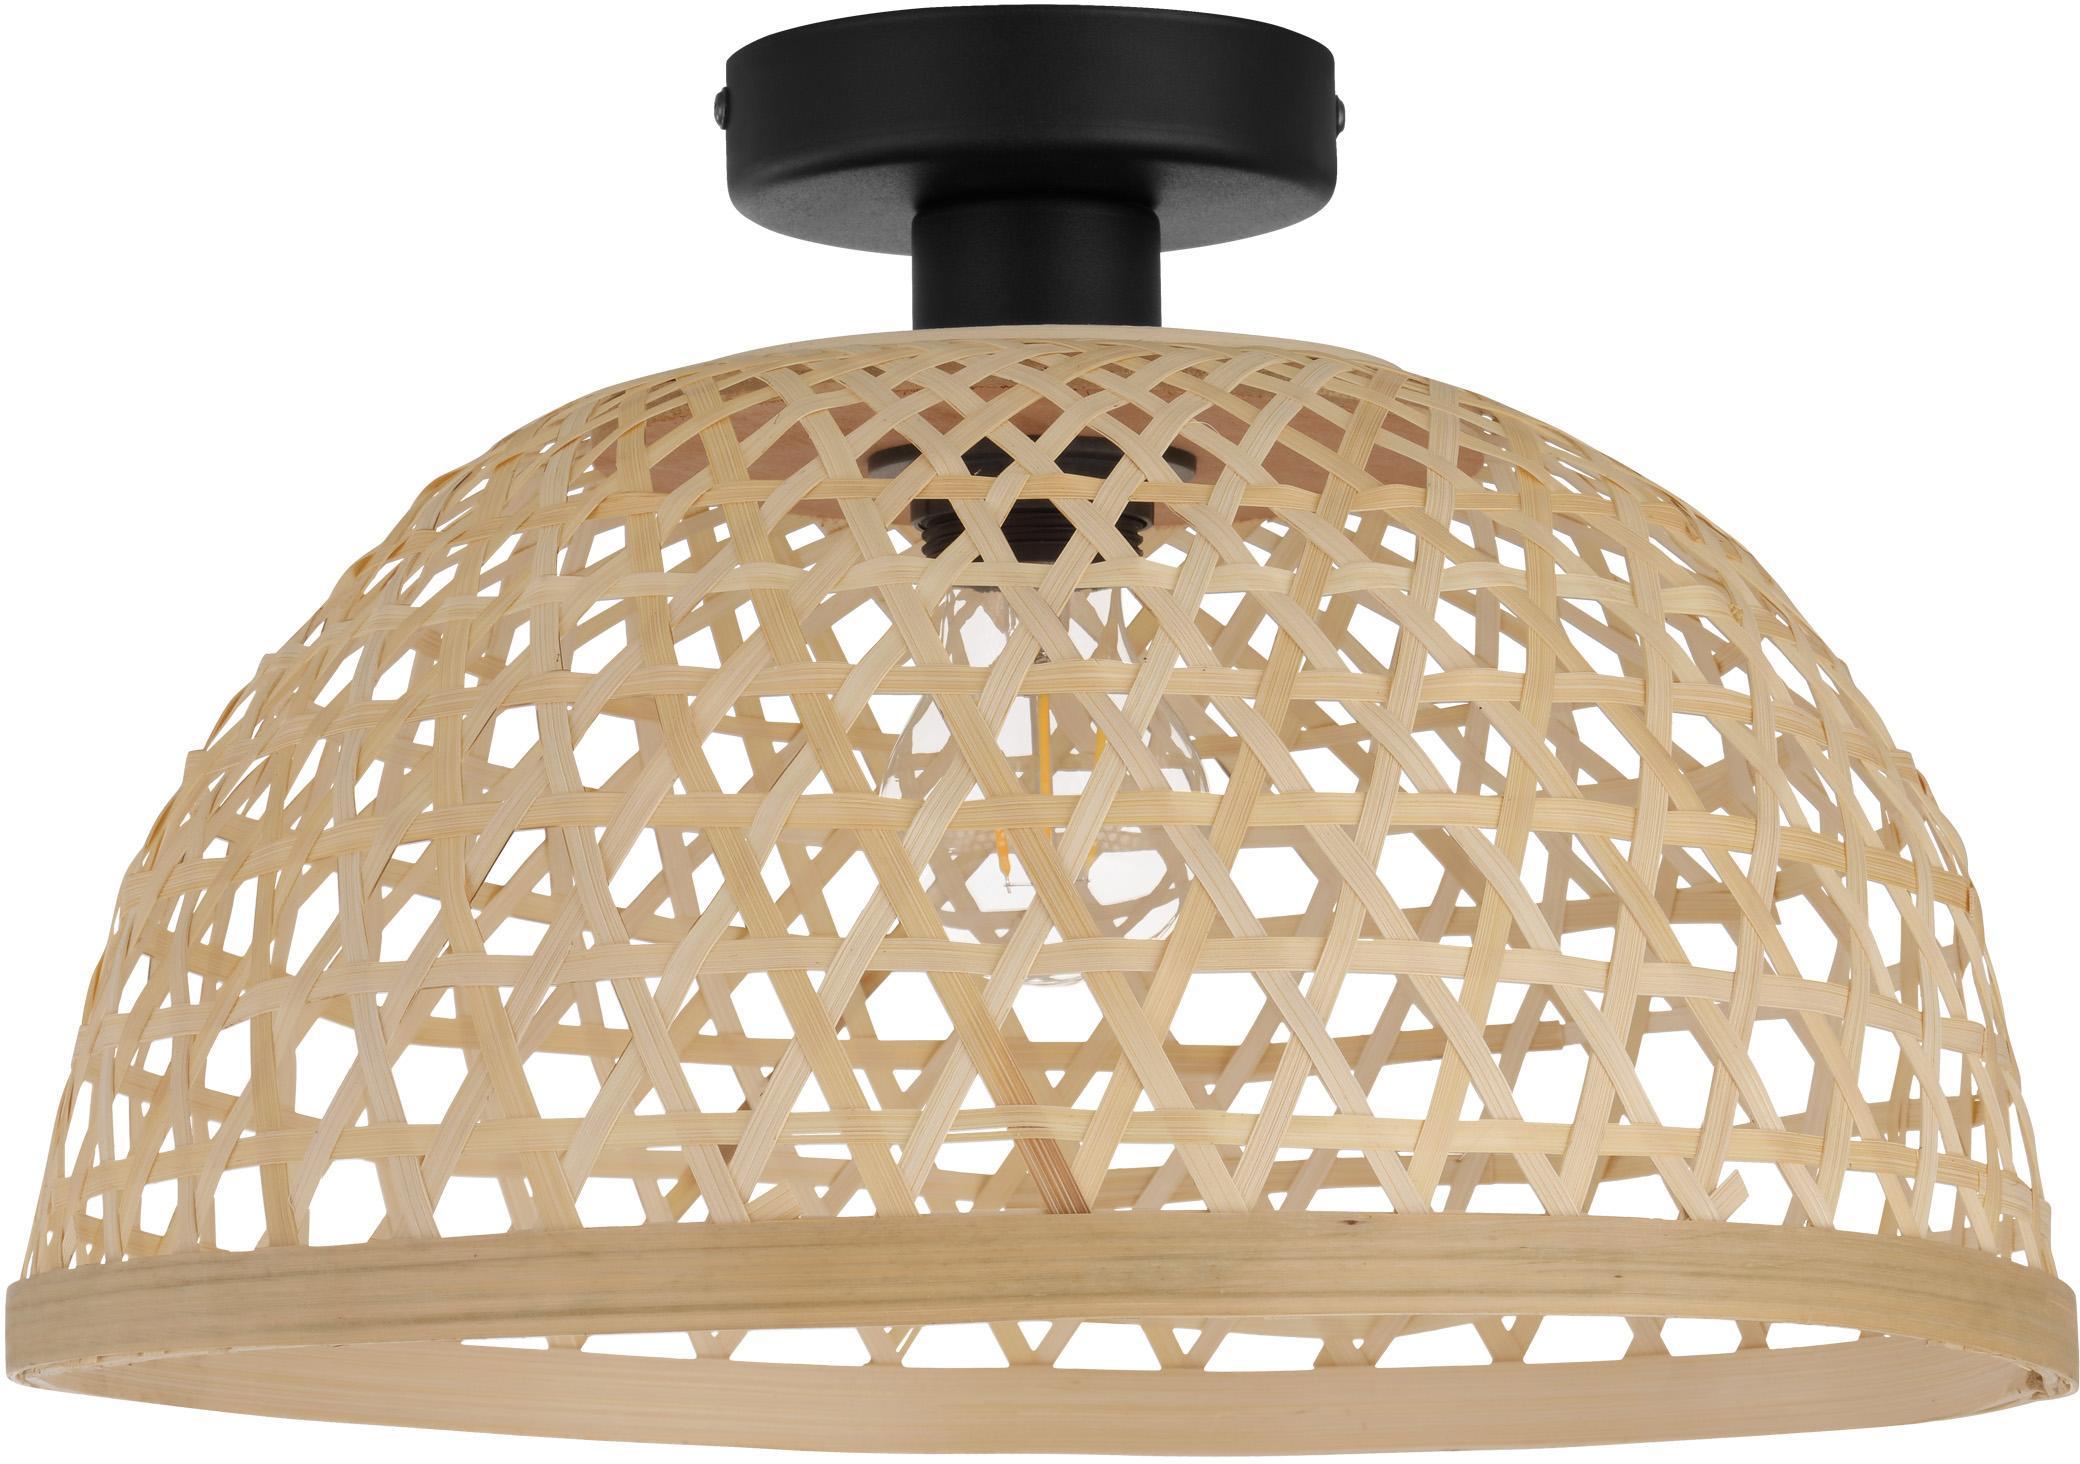 Plafonnier bambou Claverdon, Brun clair